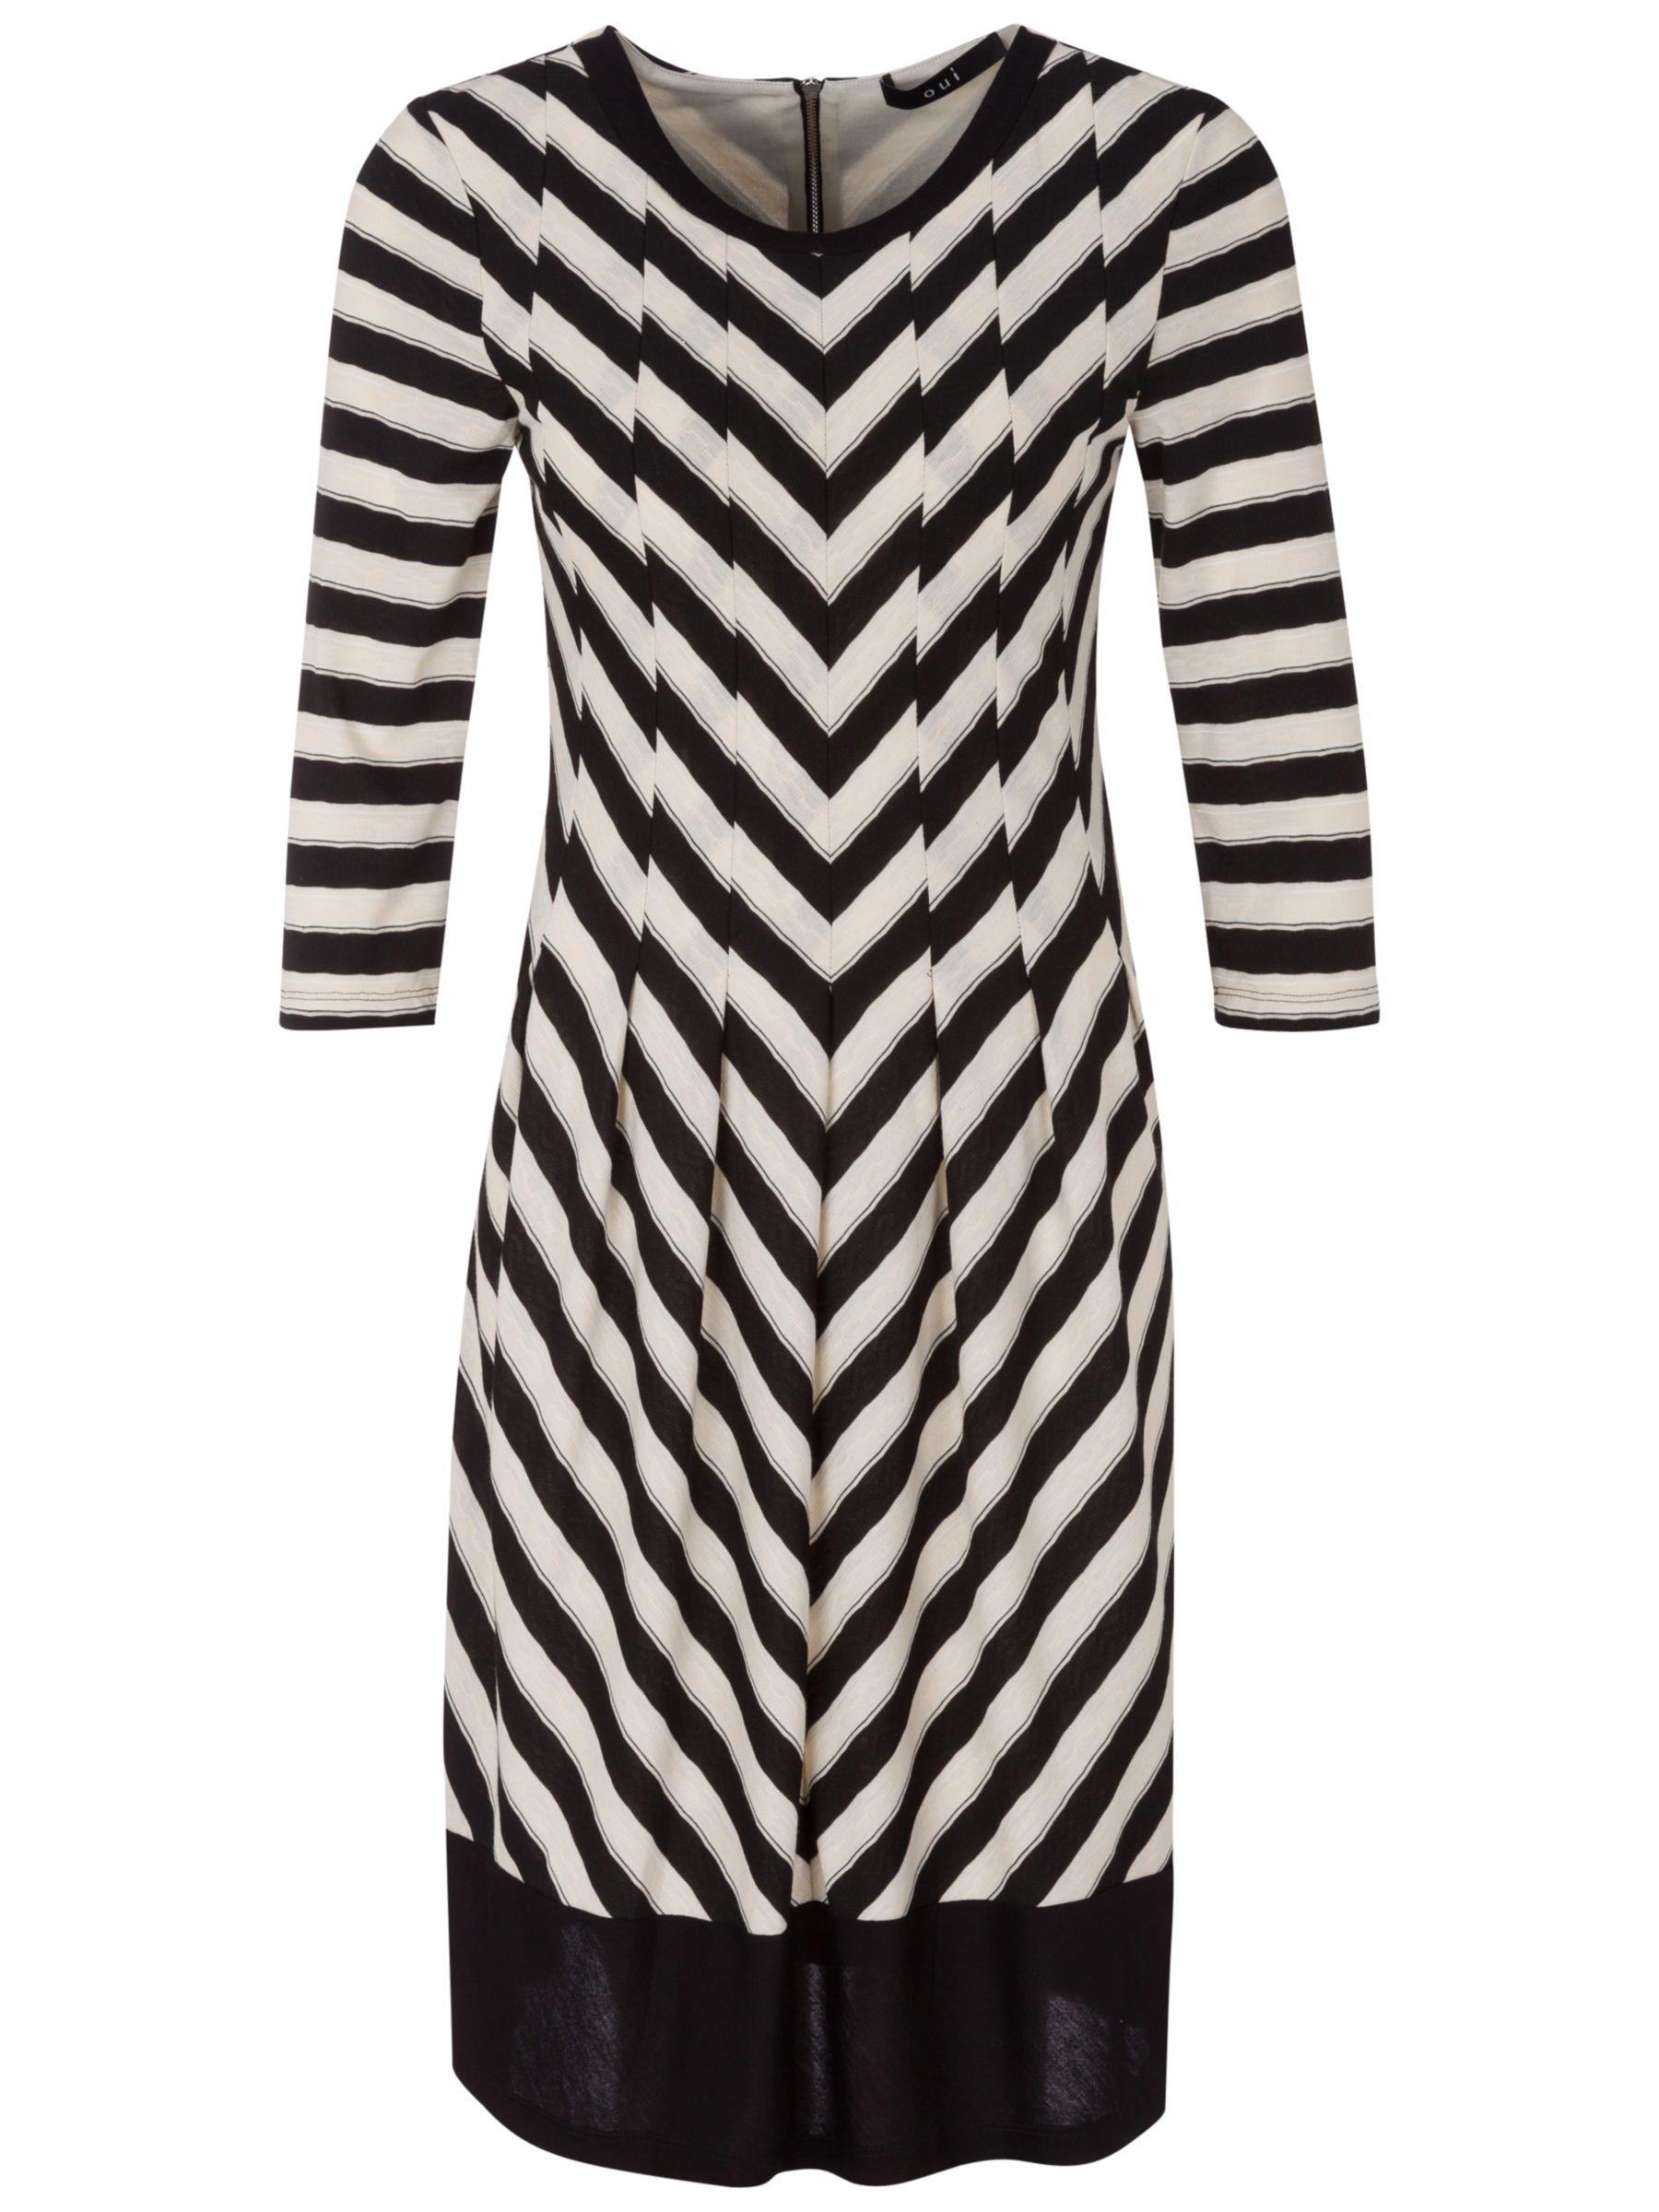 oui chevron knit dress black/cream, oui, chevron, knit, dress, black/cream, 8|16|12|14|10, women, womens dresses, 1783260